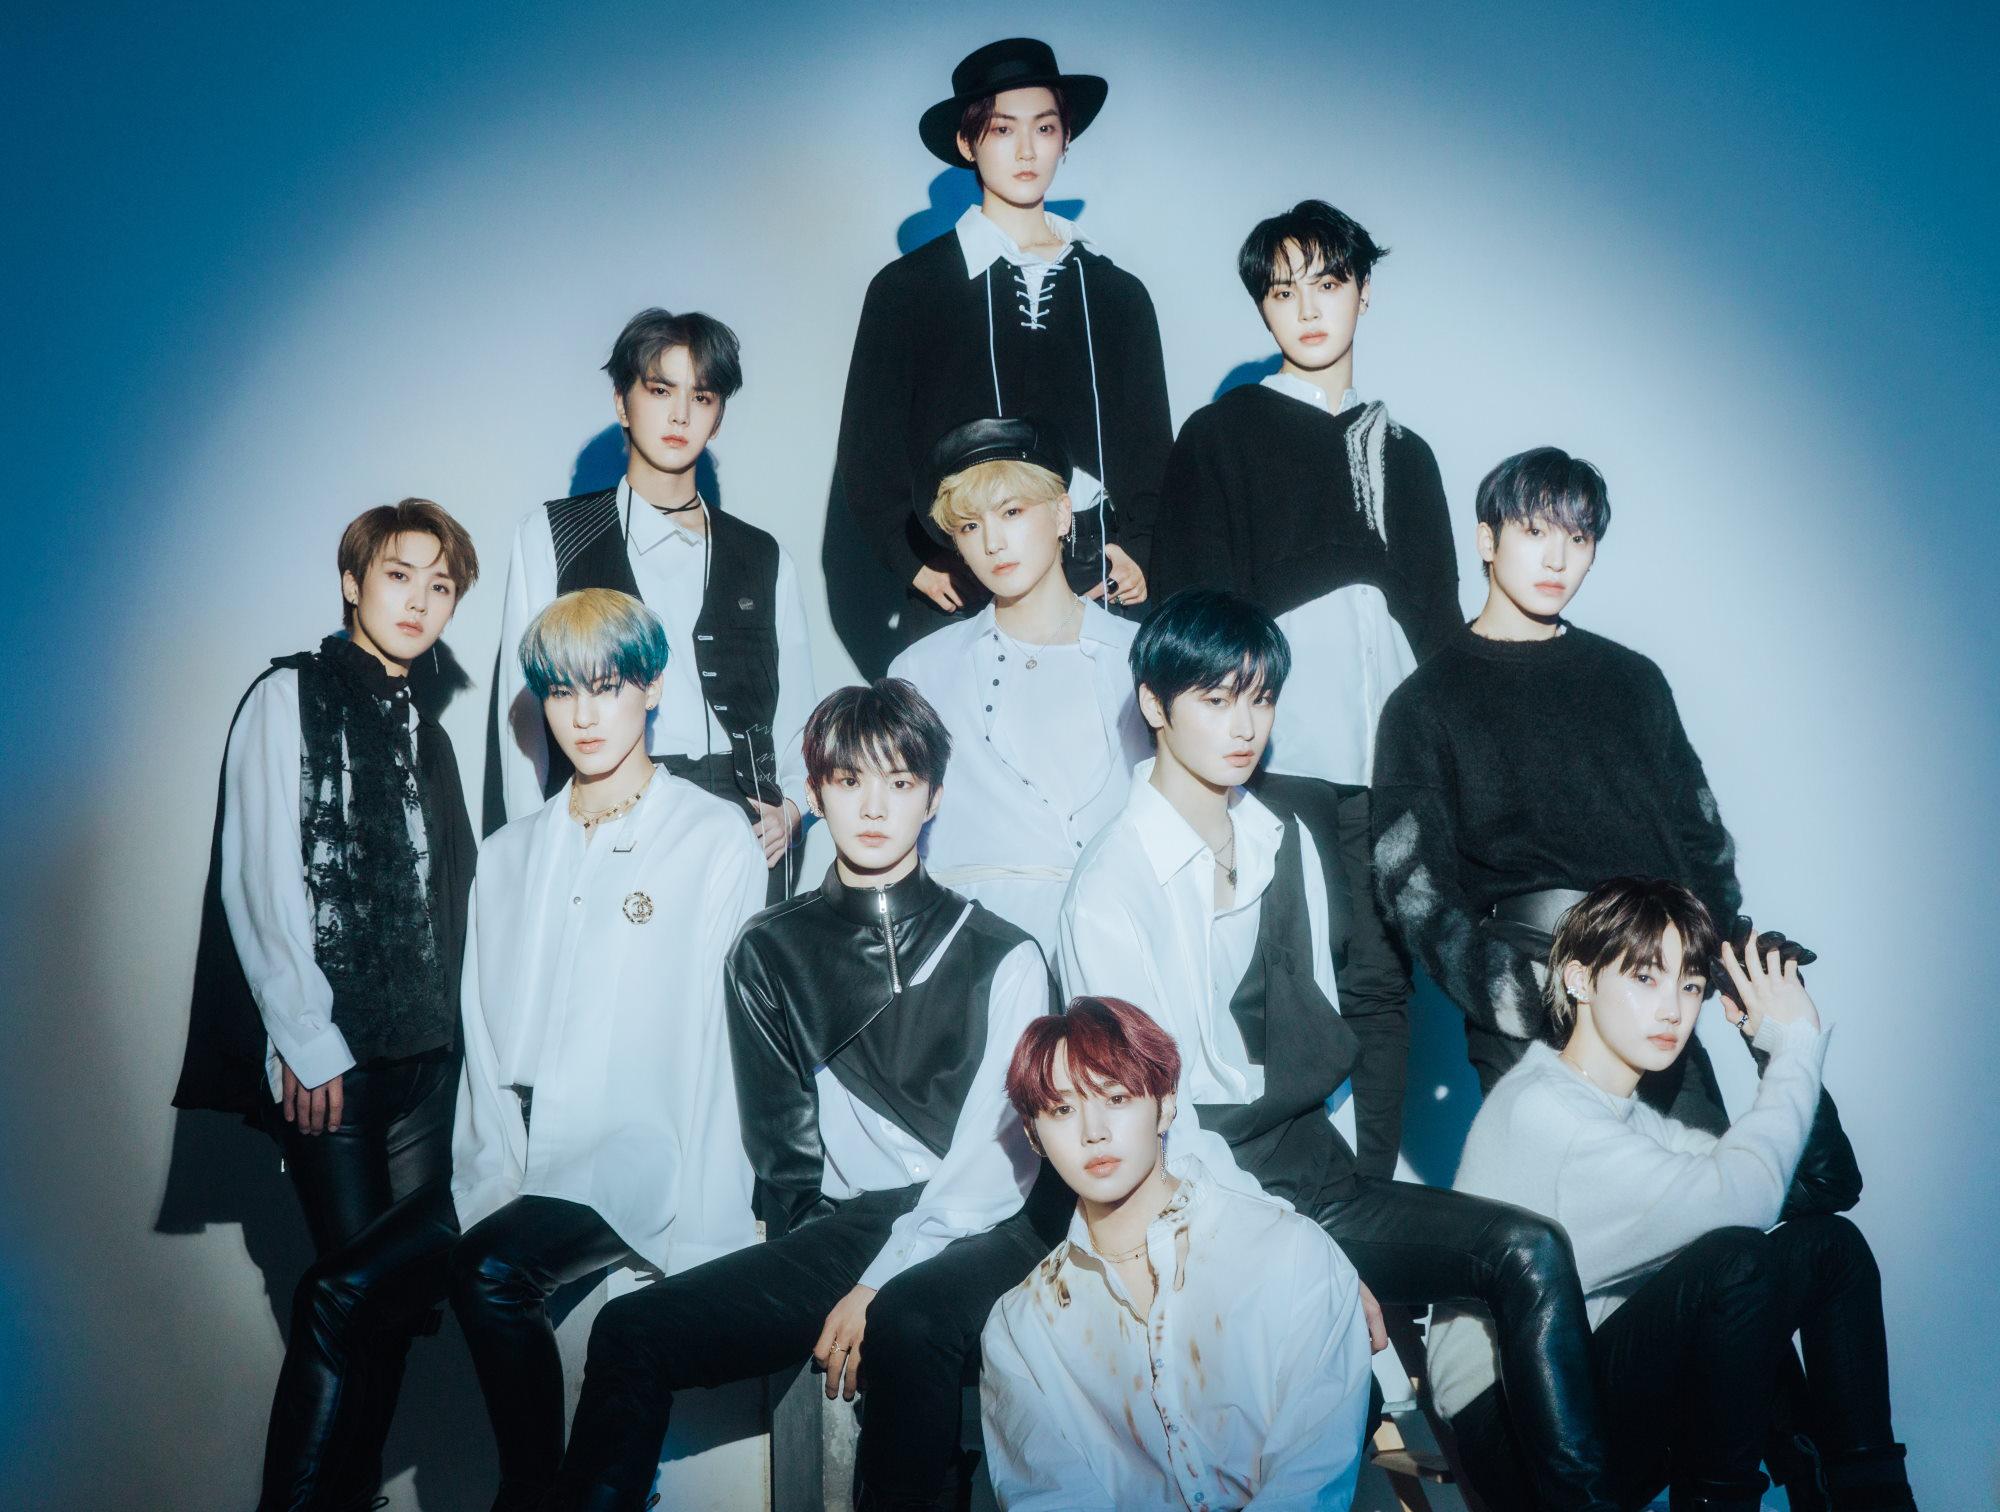 The Boyz Members